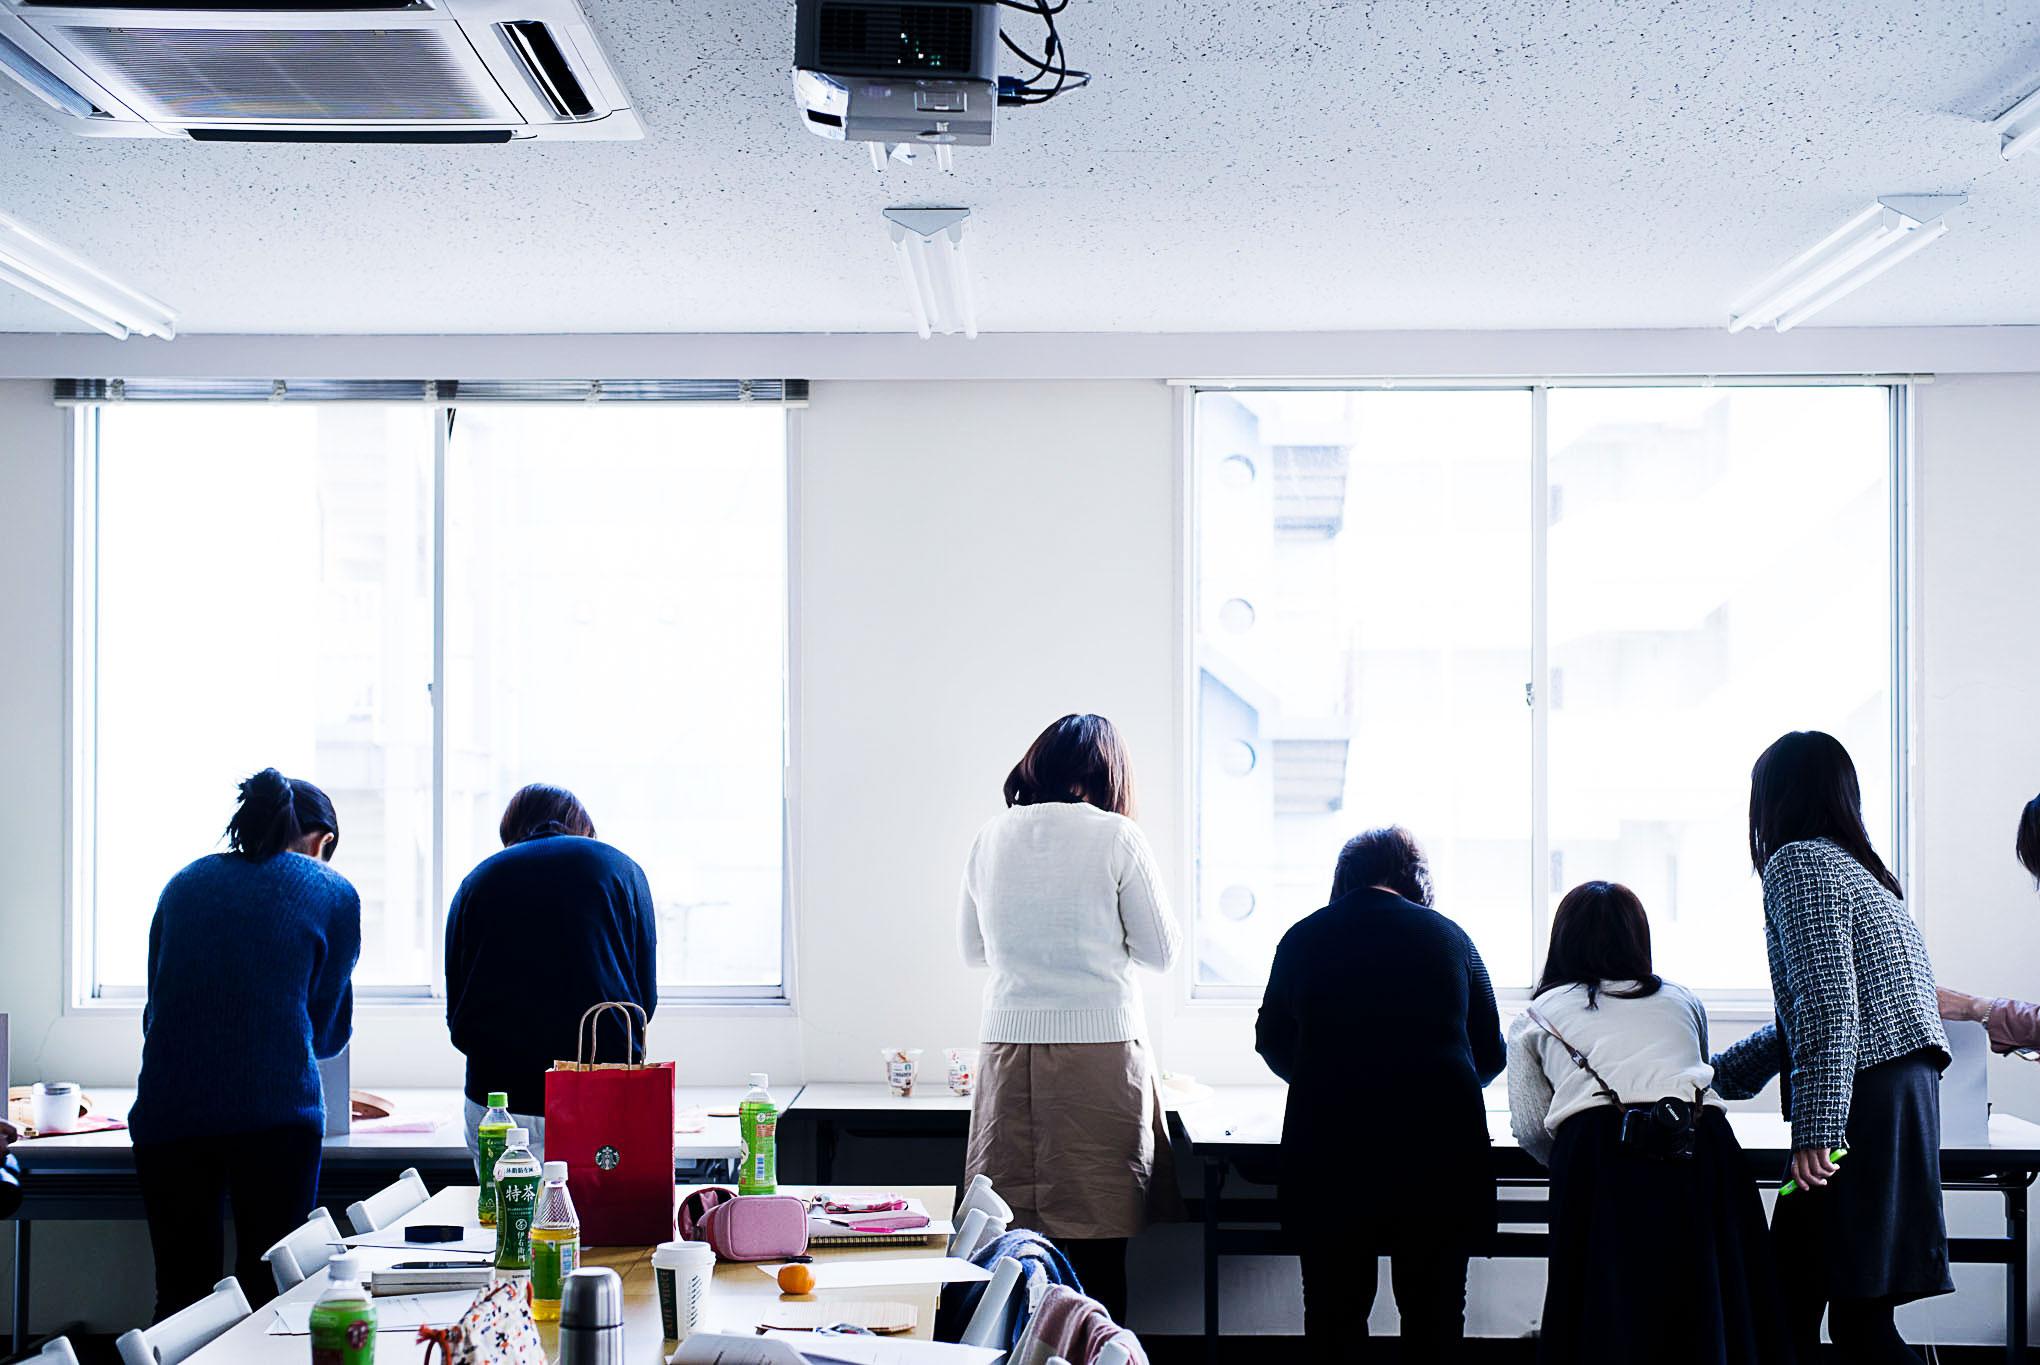 tokyo-photo-resson-201512-report-4